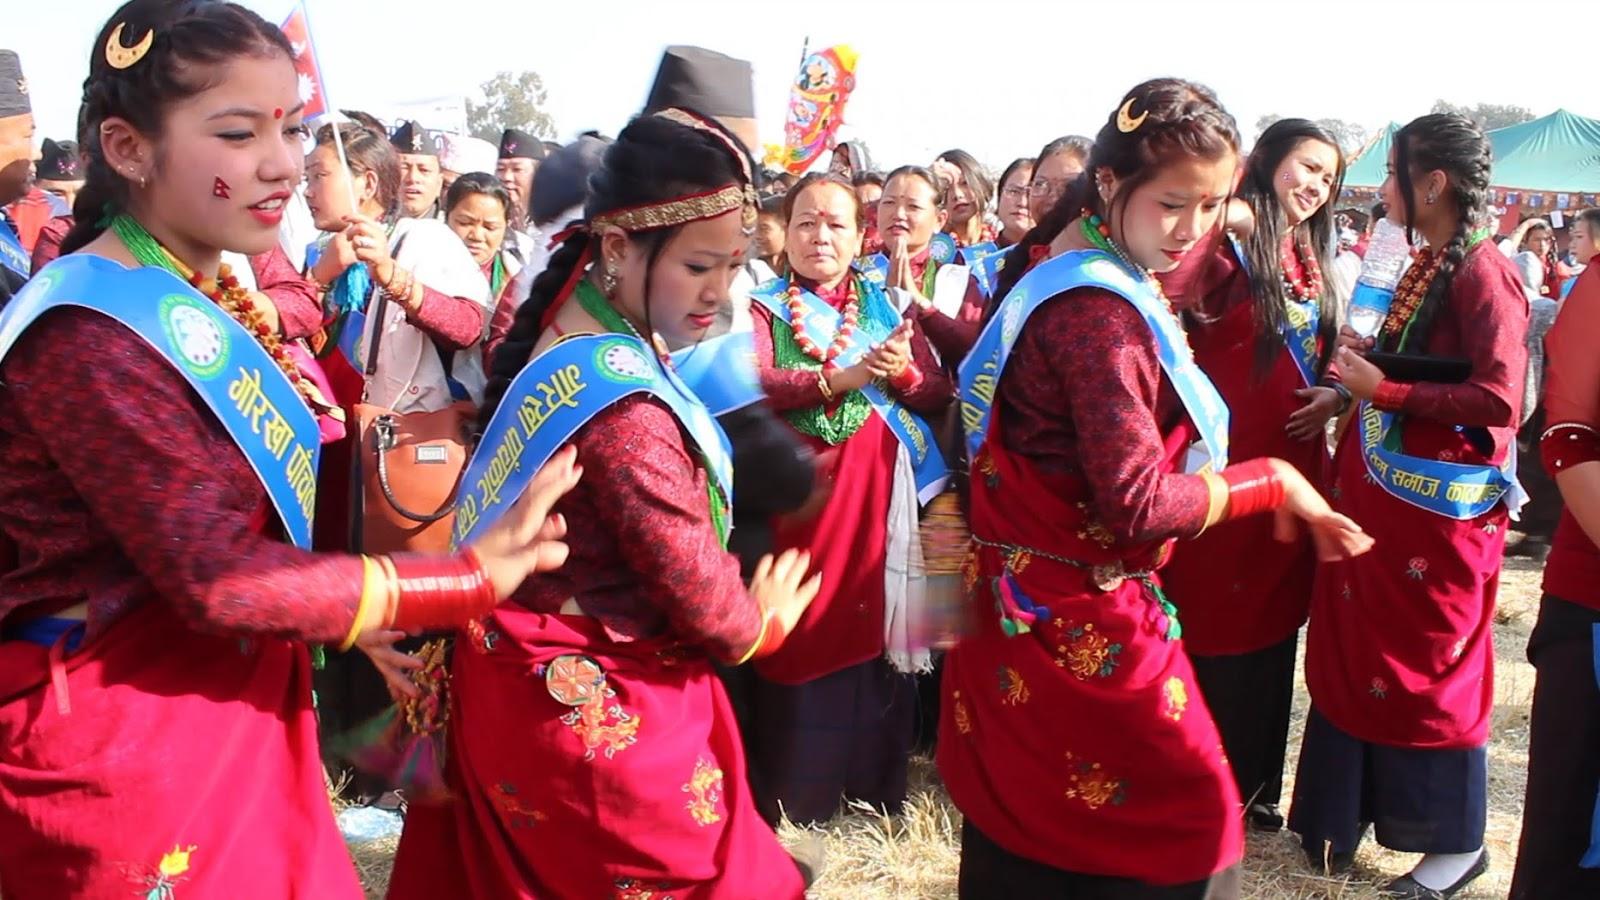 Tamu losar tamu losar culture and lifestyle in nepal m4hsunfo